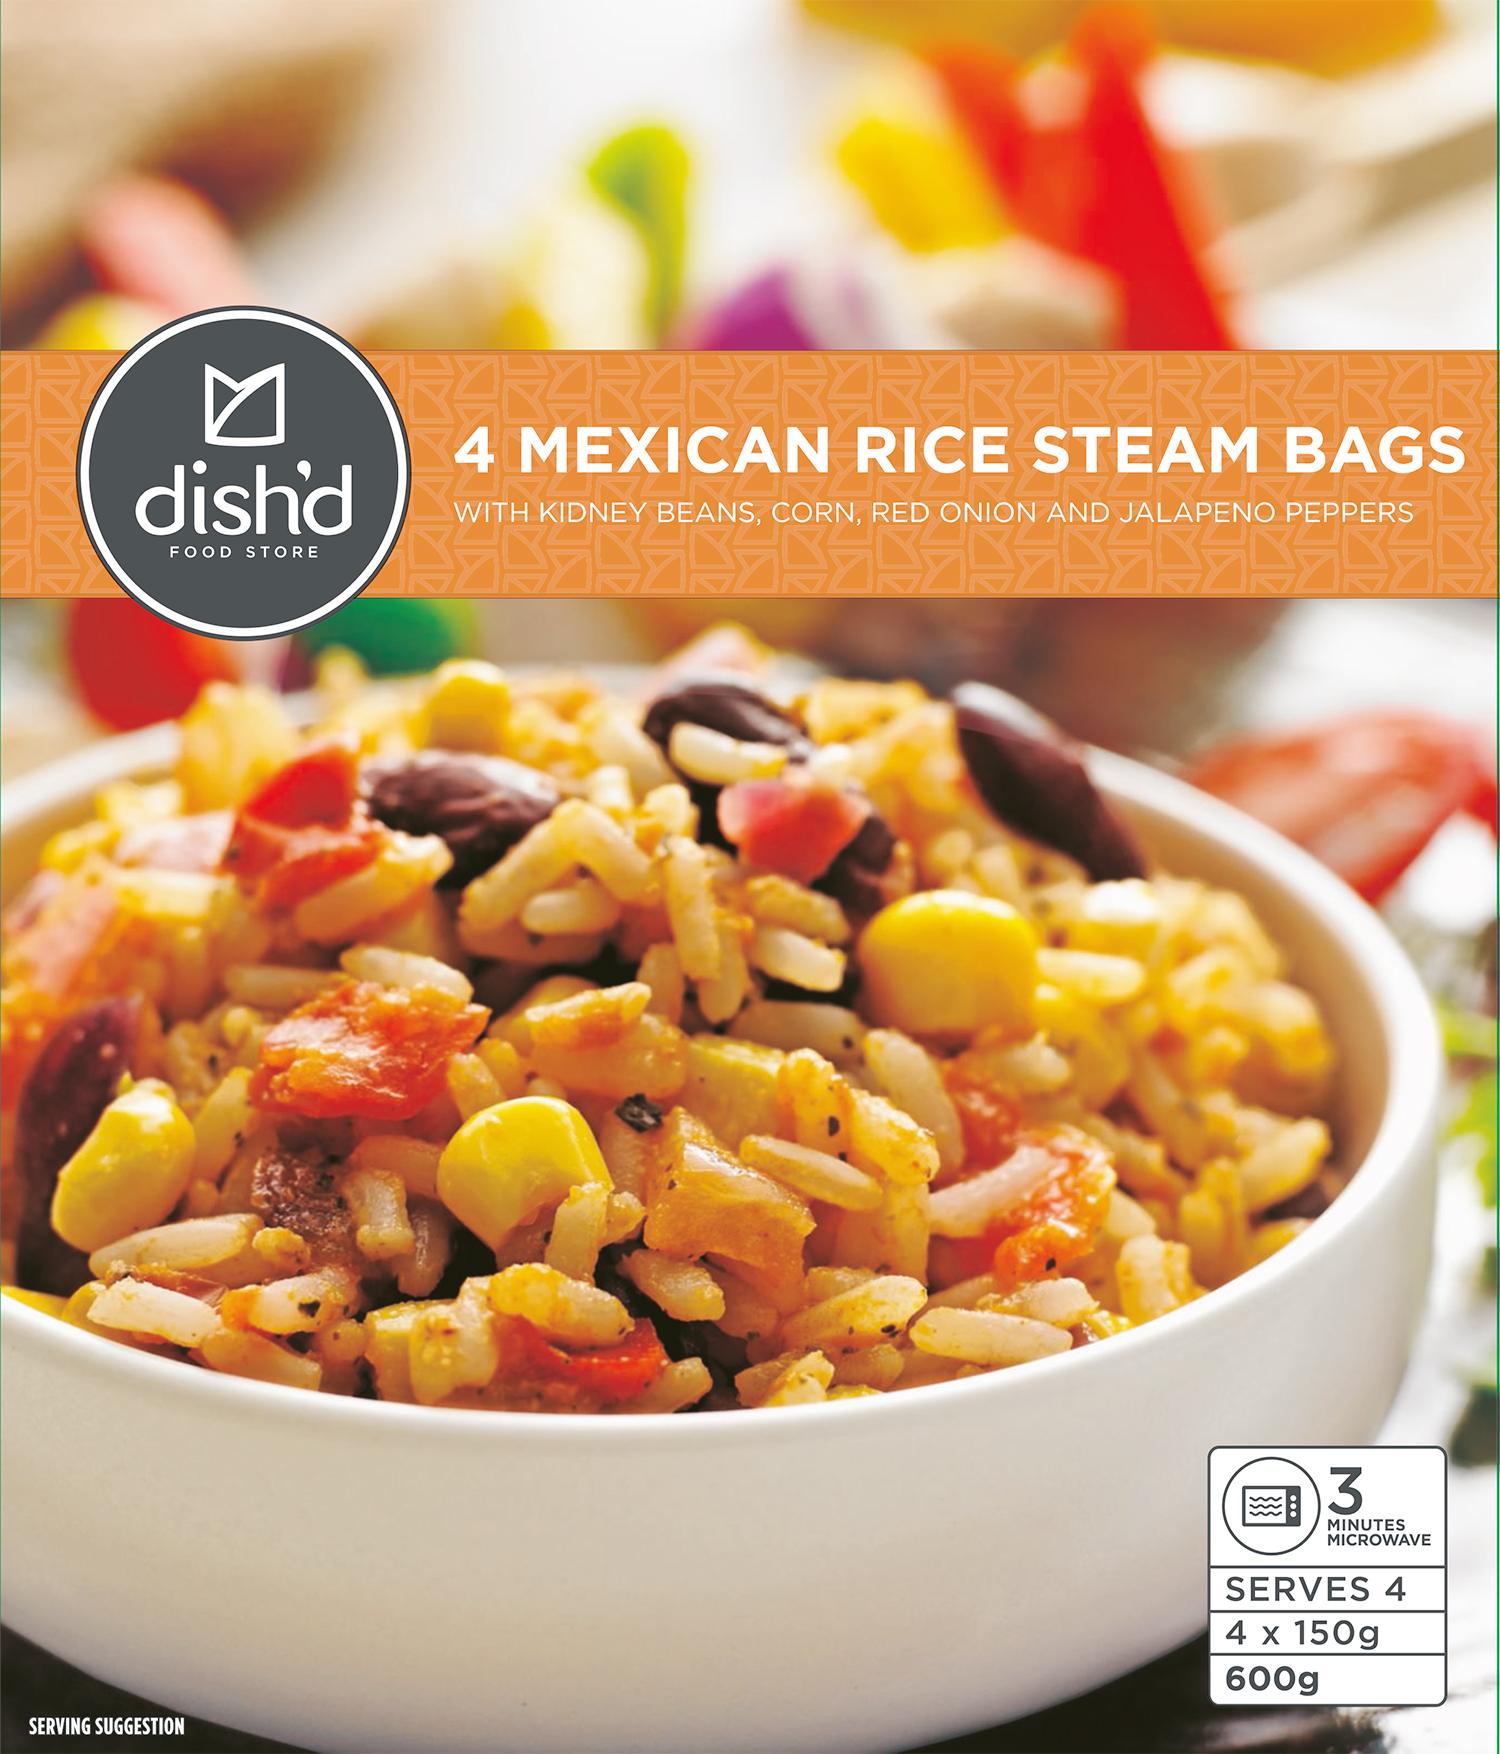 58513 4 Mexican Rice Steam Bags.jpg